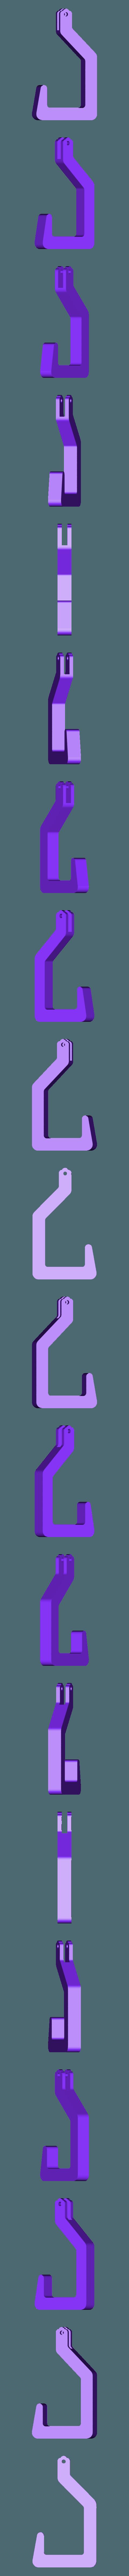 ow_handle.stl Download free STL file OneWheel Hook Handle • Model to 3D print, jbrum360